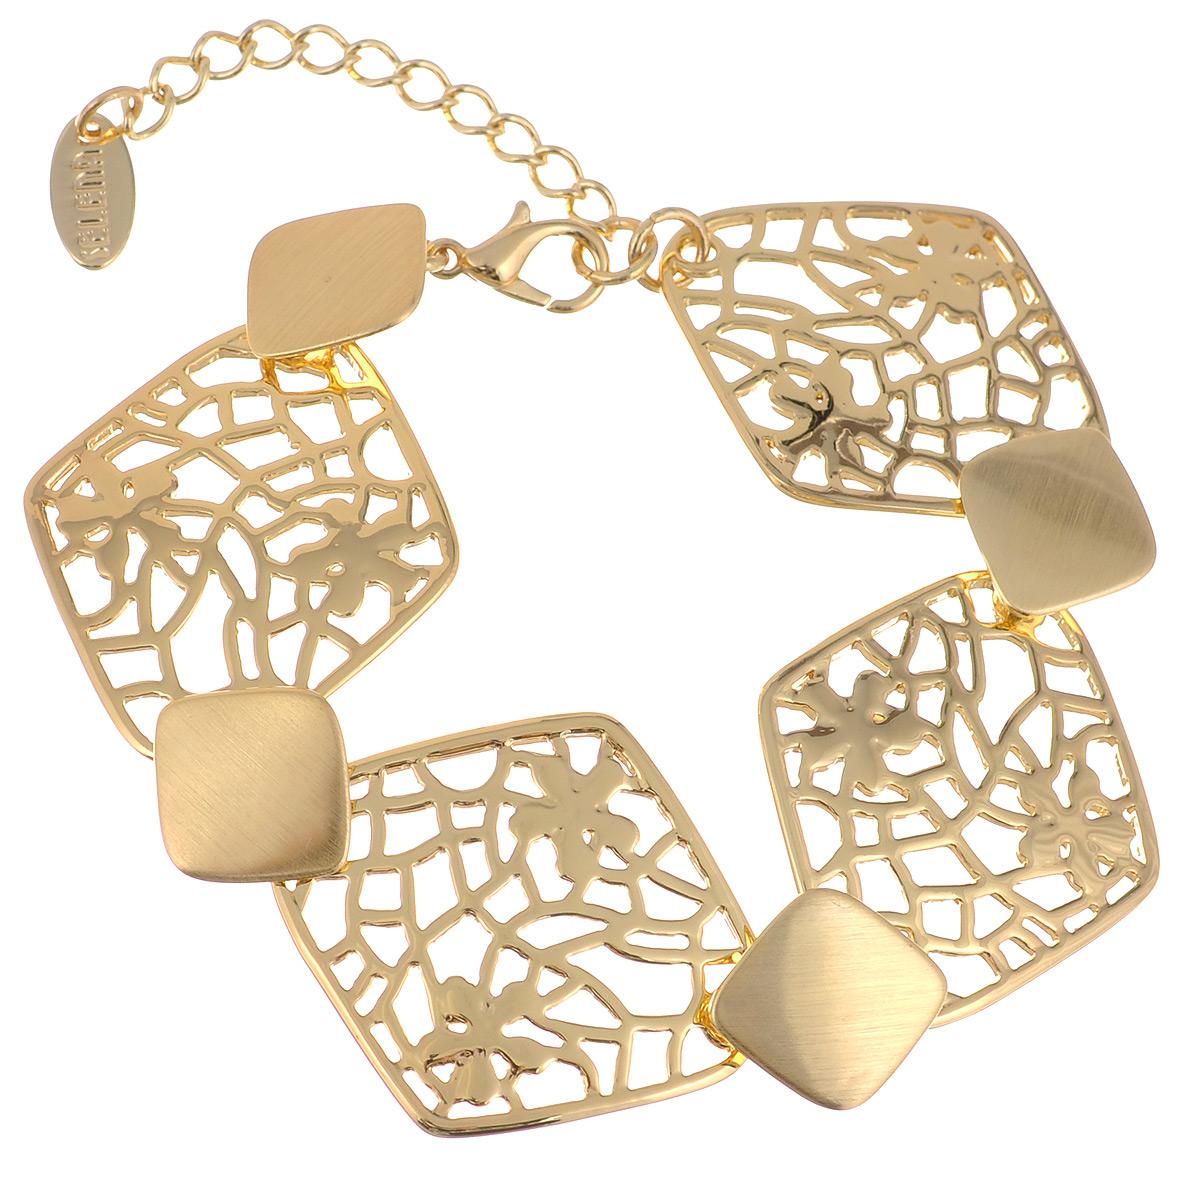 Браслет Selena Medea, цвет: золотистый. 4005144040051440Оригинальный браслет Selena Medea выполнен из металла с гальваническим покрытием золотом и декорирован резным узором. Браслет застегивается карабином с цепочкой. Длину можно регулировать. Изящный браслет придаст вашему образу изюминку, подчеркнет красоту и изящество вечернего платья или преобразит повседневный наряд. Украшения Медея – это стильная и лаконичная классика, изделия, которые выглядят как дорогие дизайнерские ювелирные украшения.